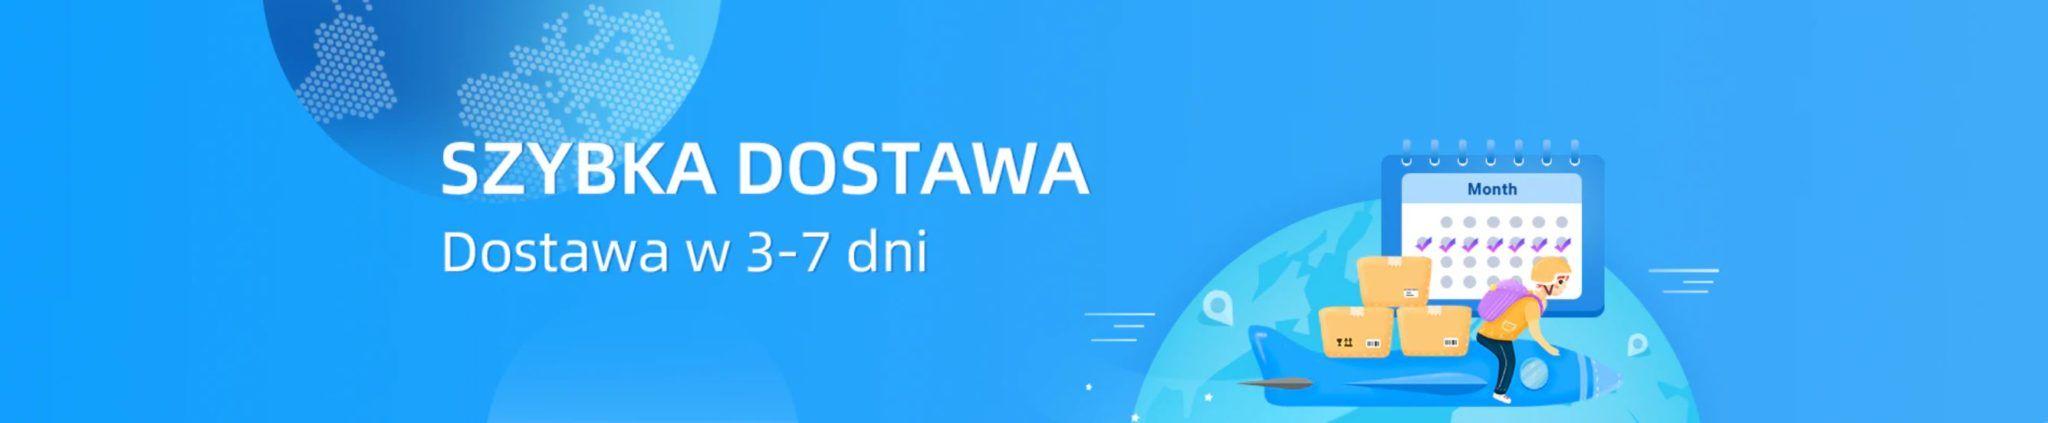 Lokalne oferty Aliexpress - szybka wysyłka z Polski